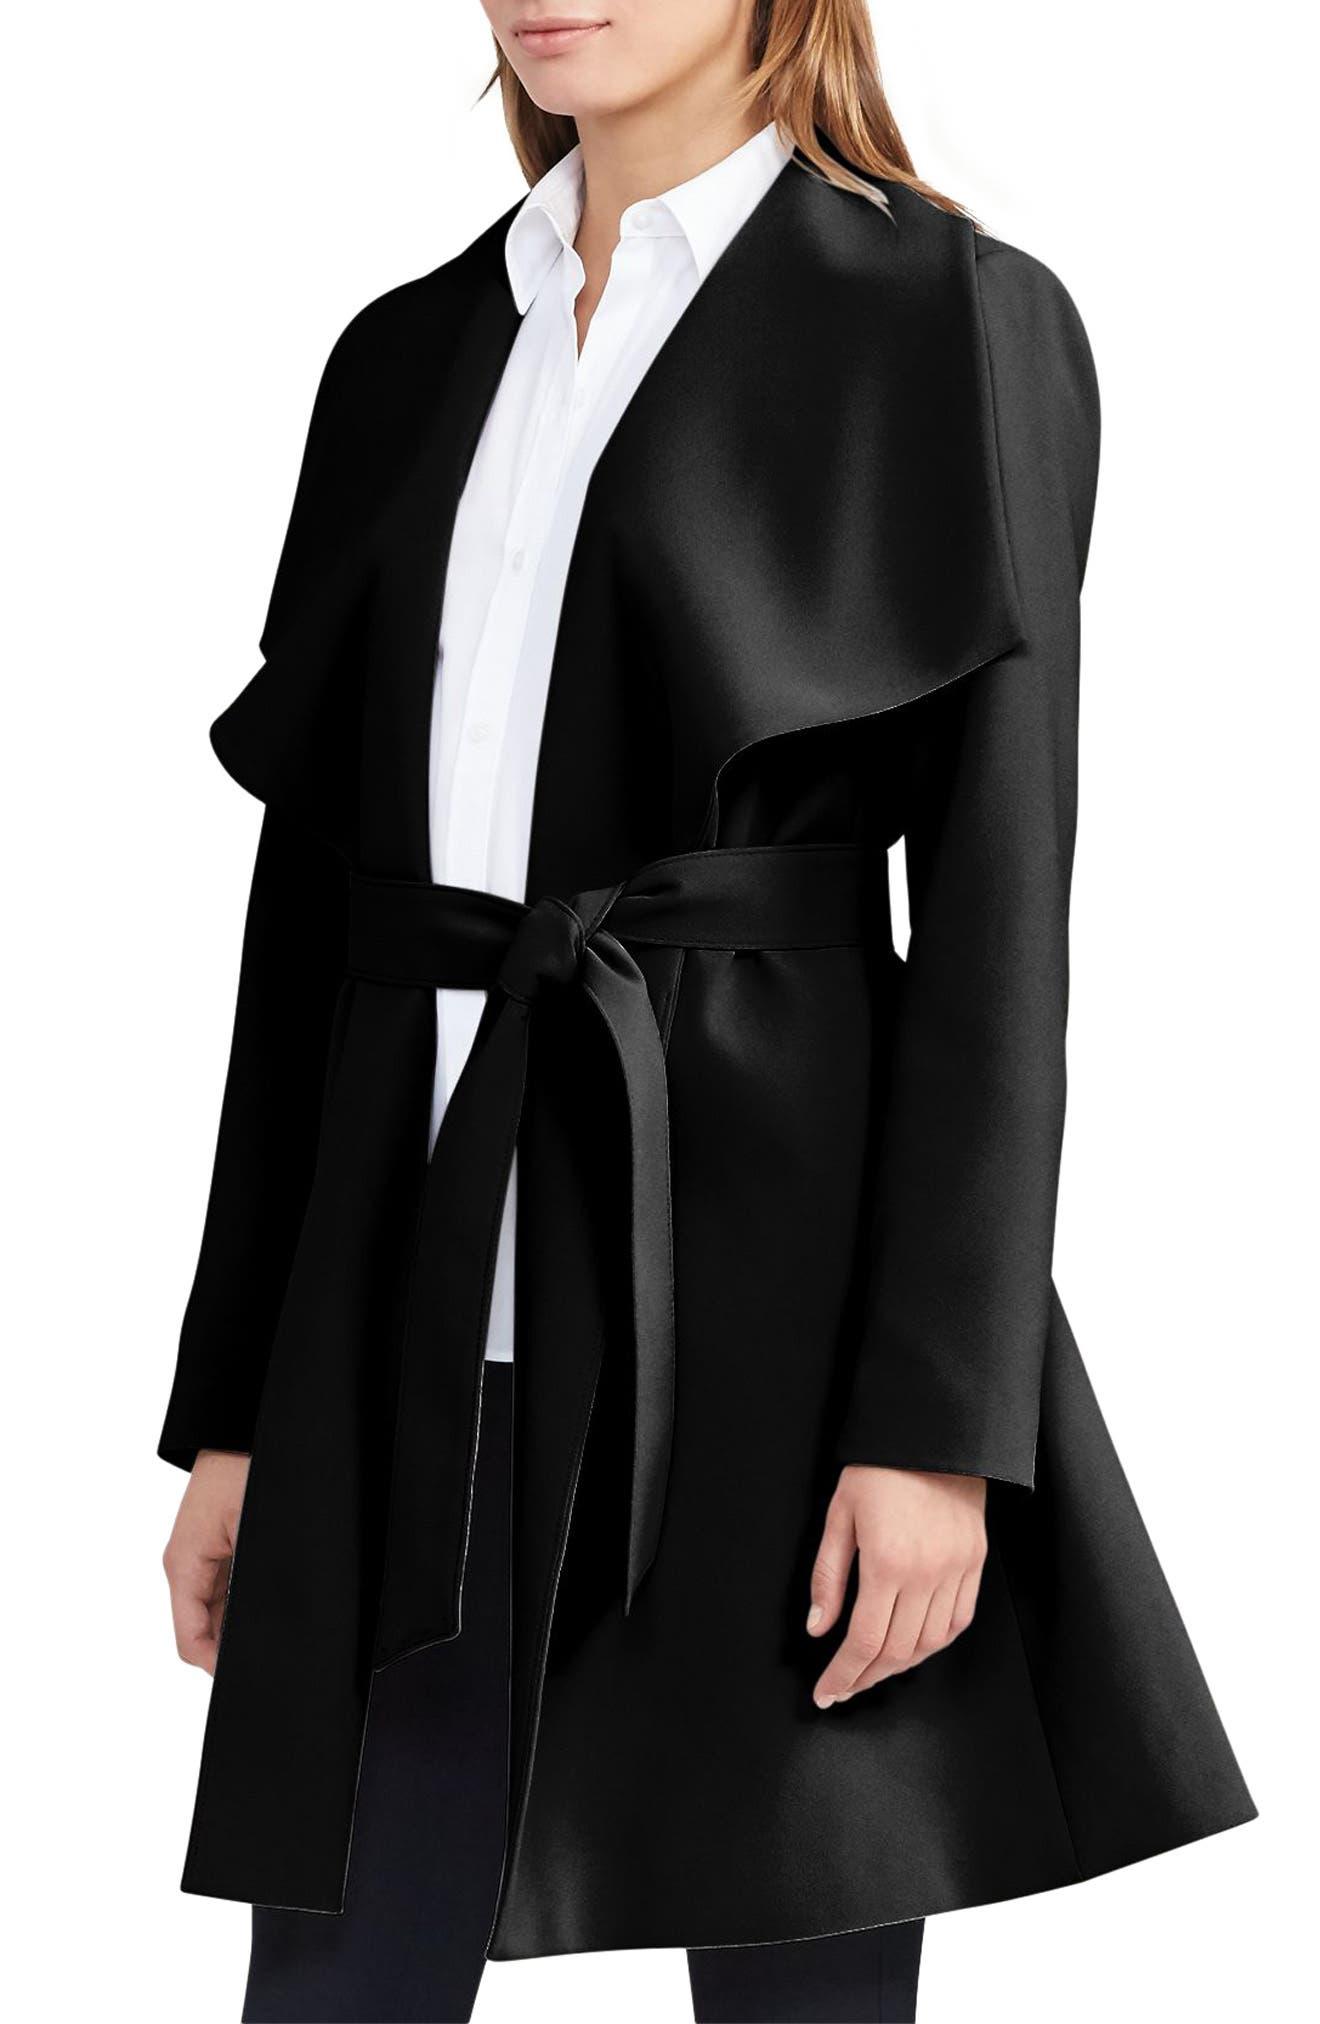 LAUREN RALPH LAUREN Belted Drape Front Coat, Main, color, 002